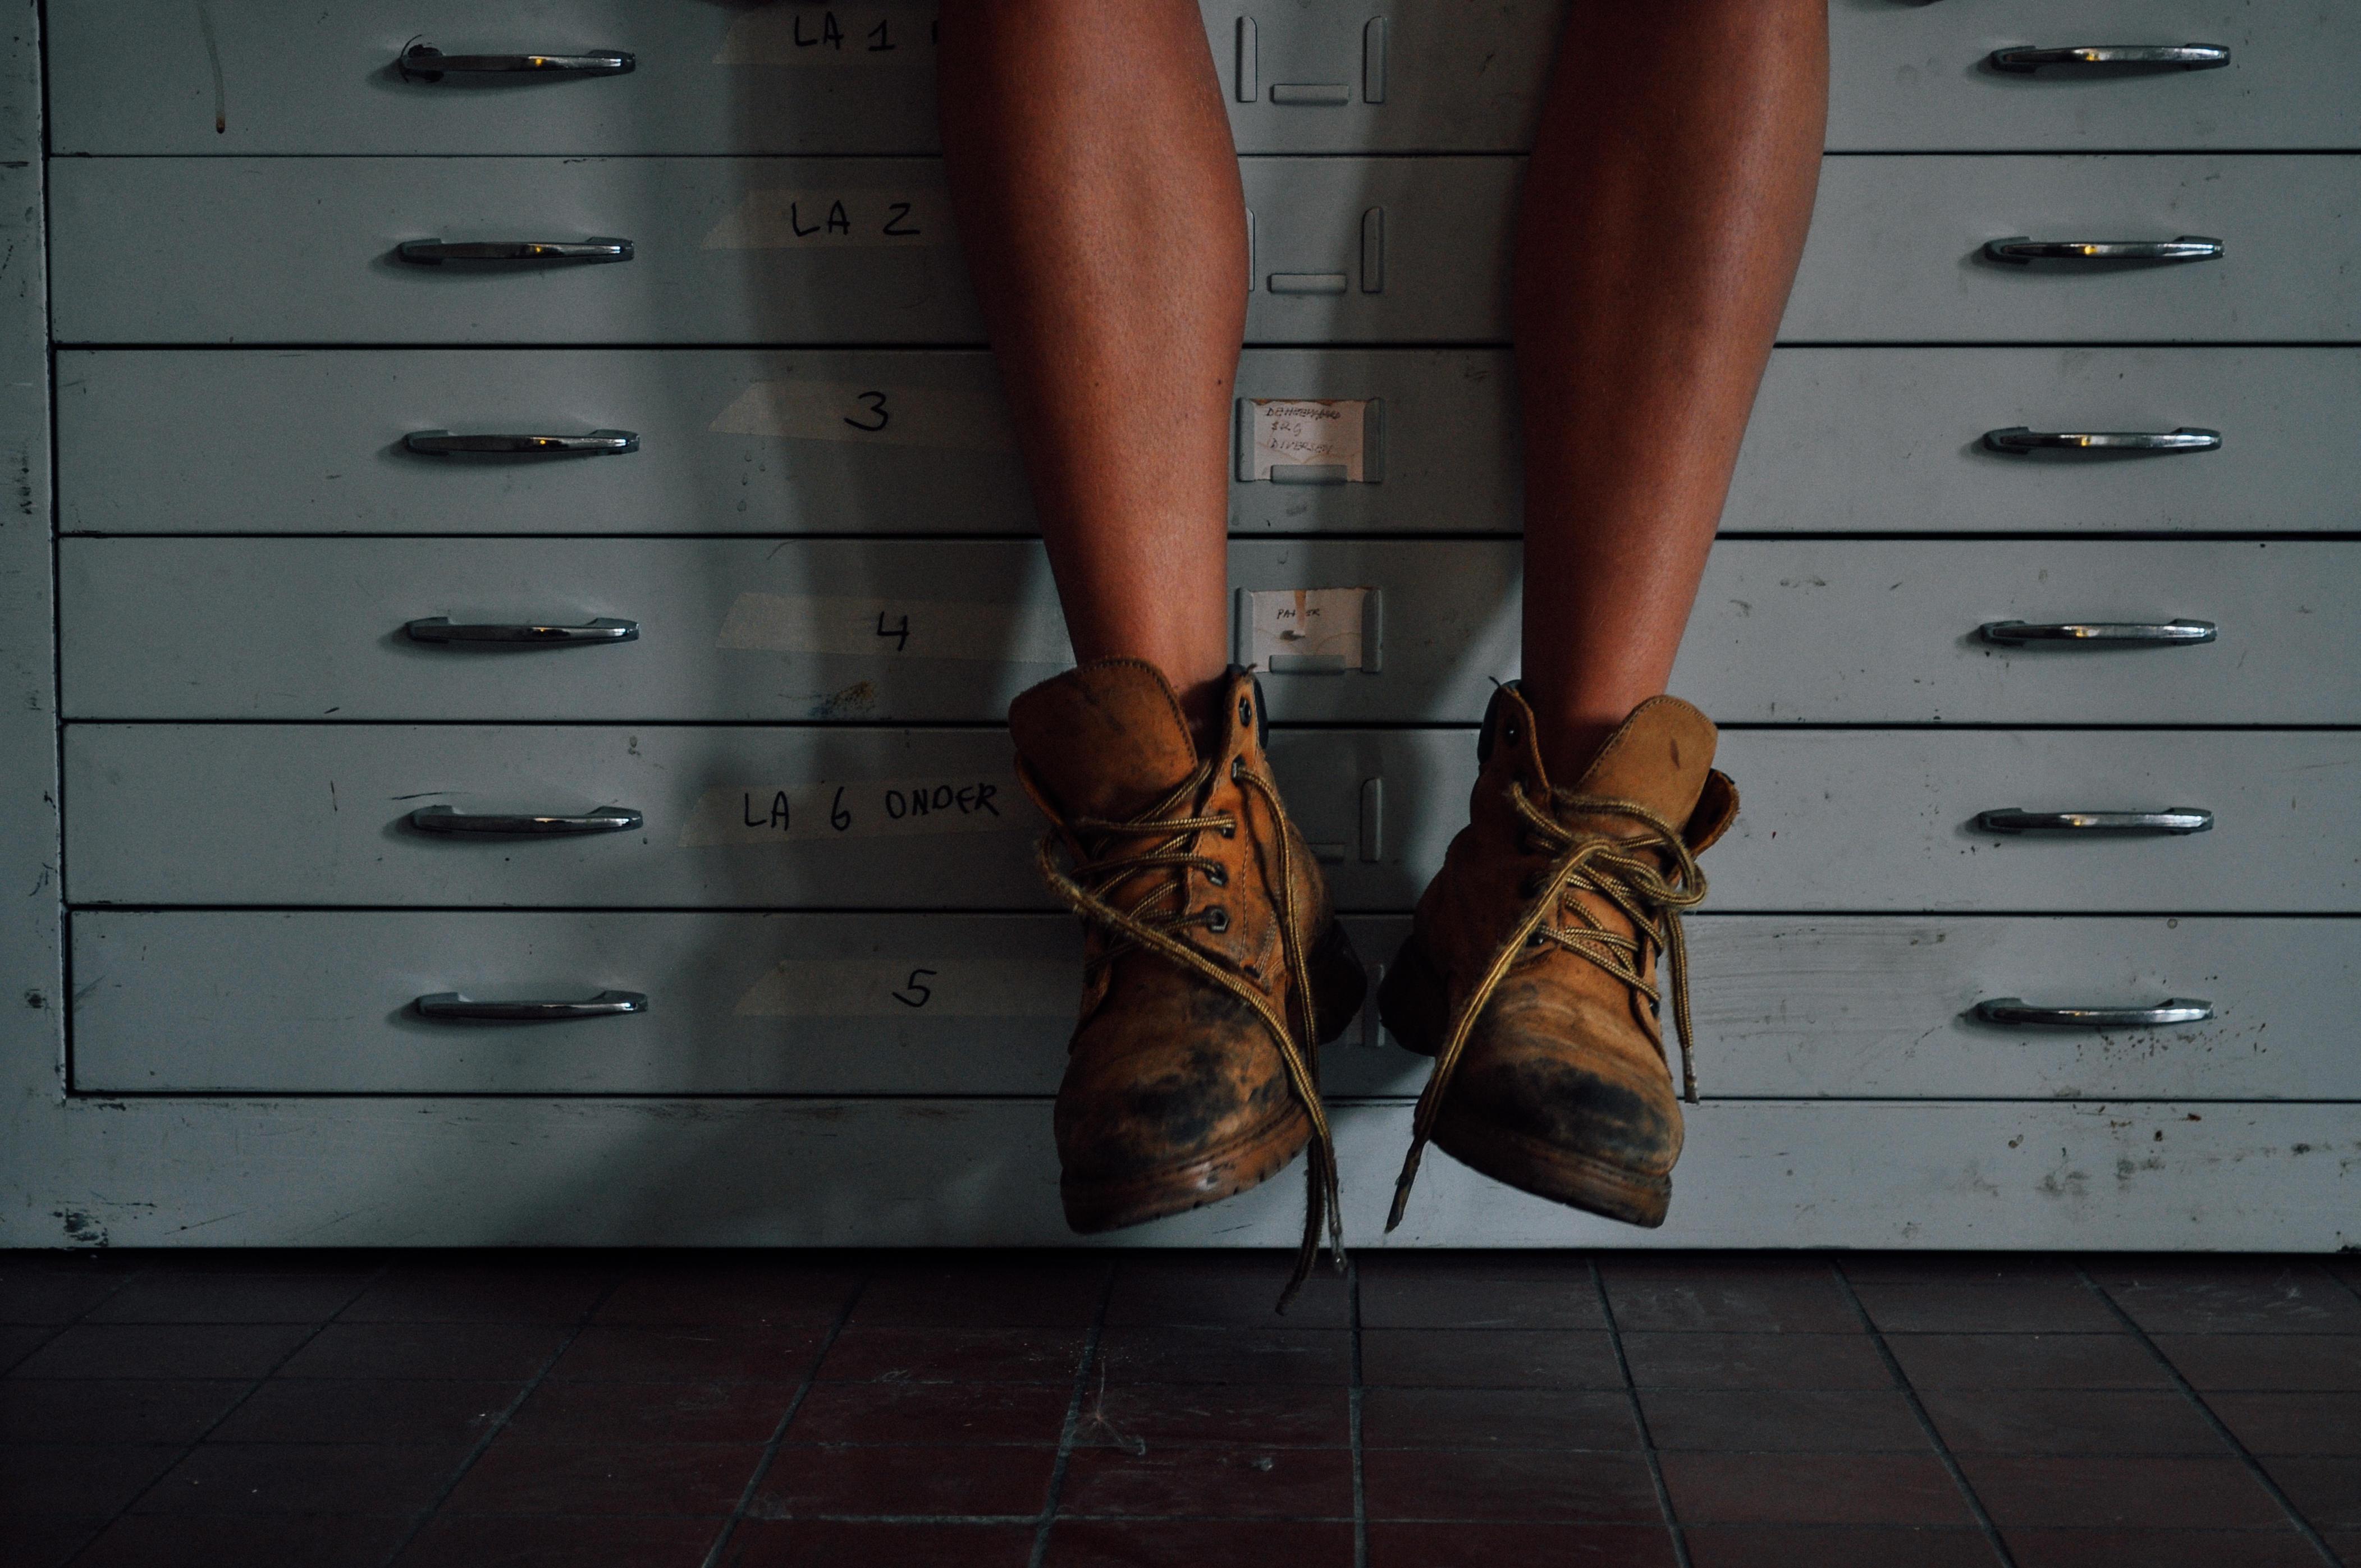 Reality TV Superstar Ties Her Shoe